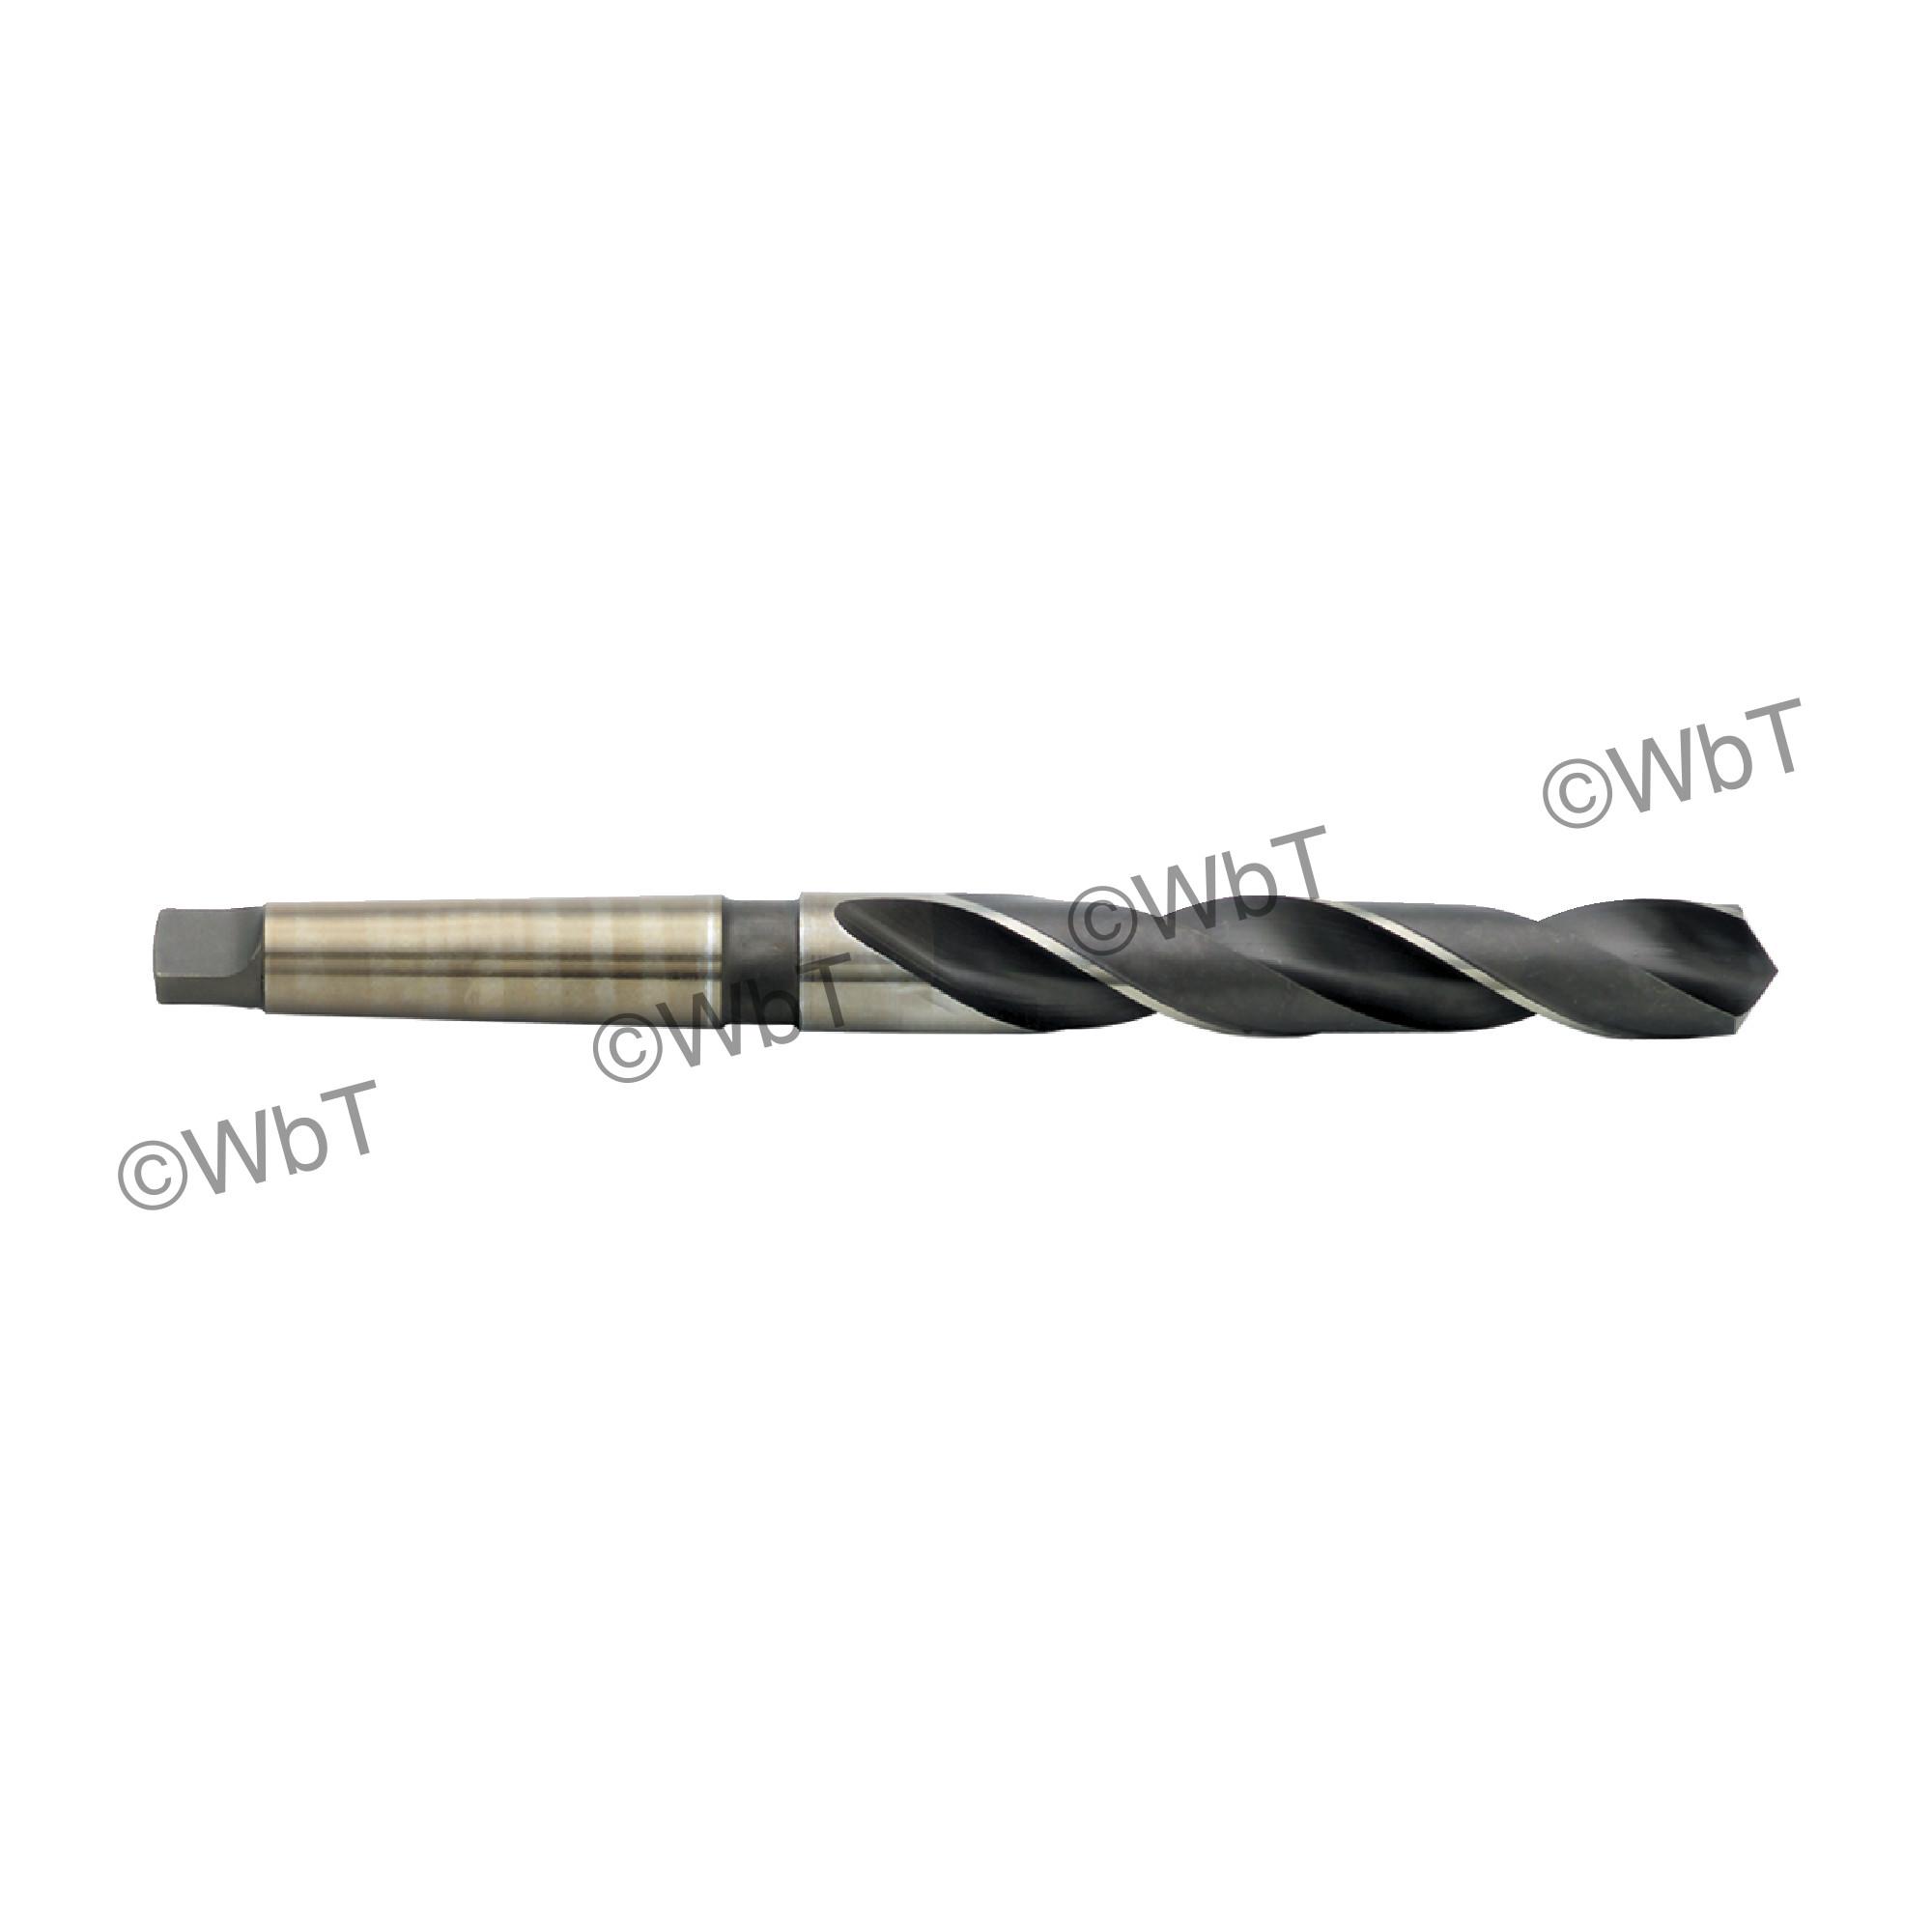 Cobalt Taper Shank Twist Drill